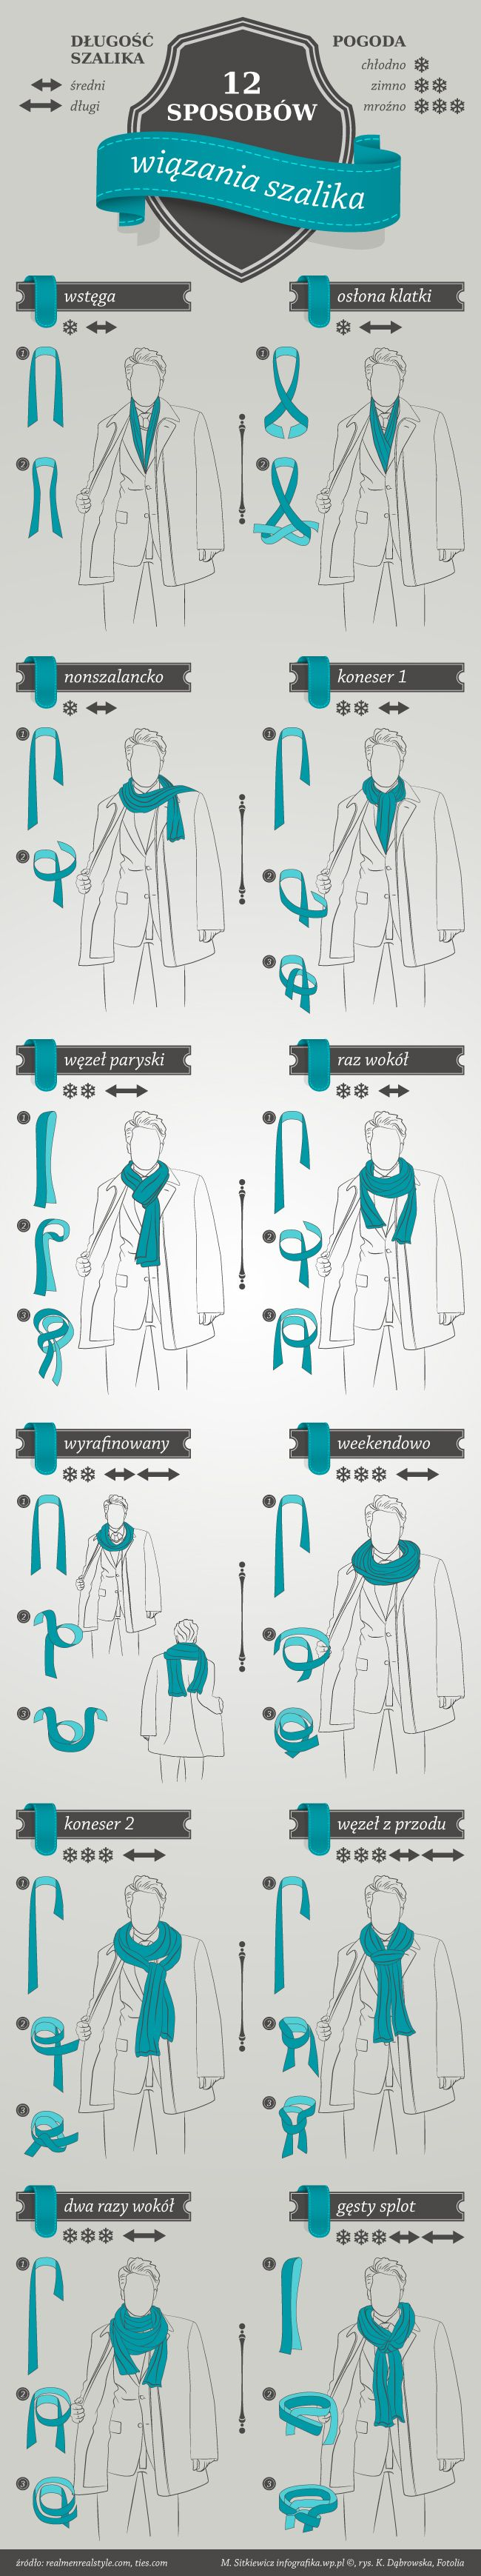 Jak zawiązać szalik